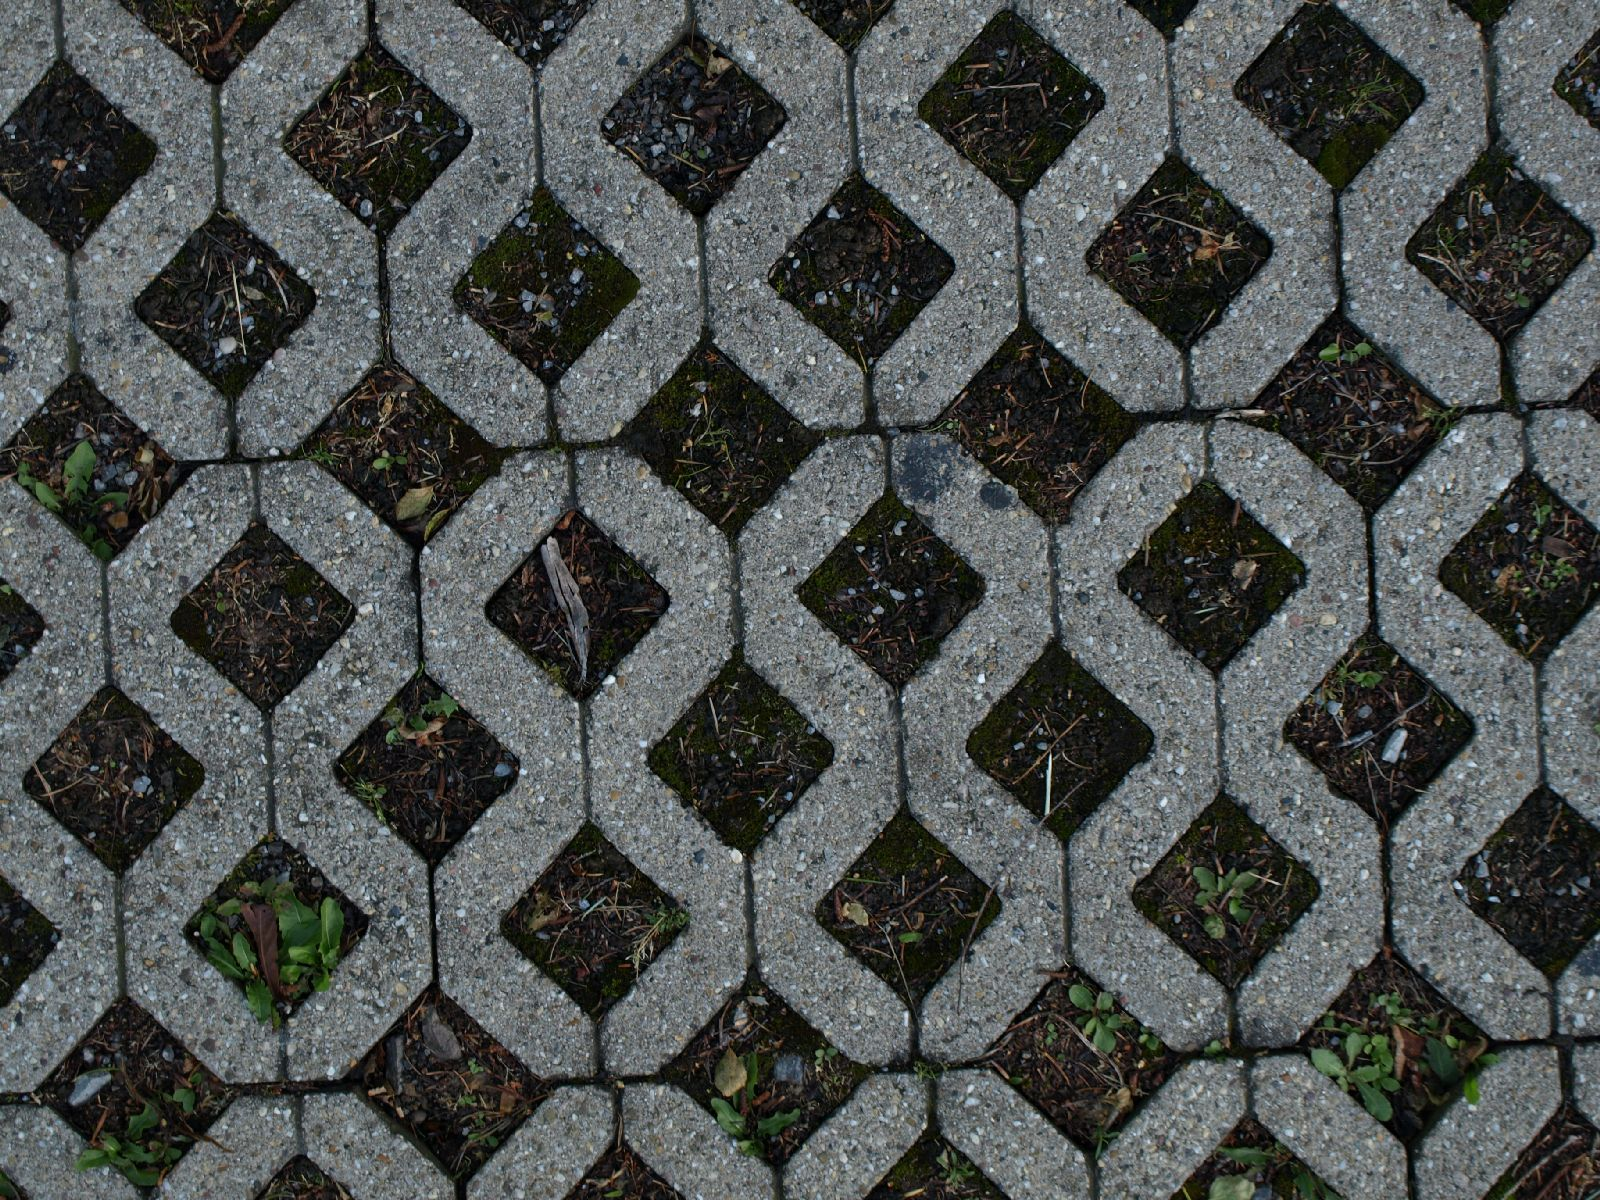 Boden-Gehweg-Strasse-Buergersteig-Textur_A_P6233717